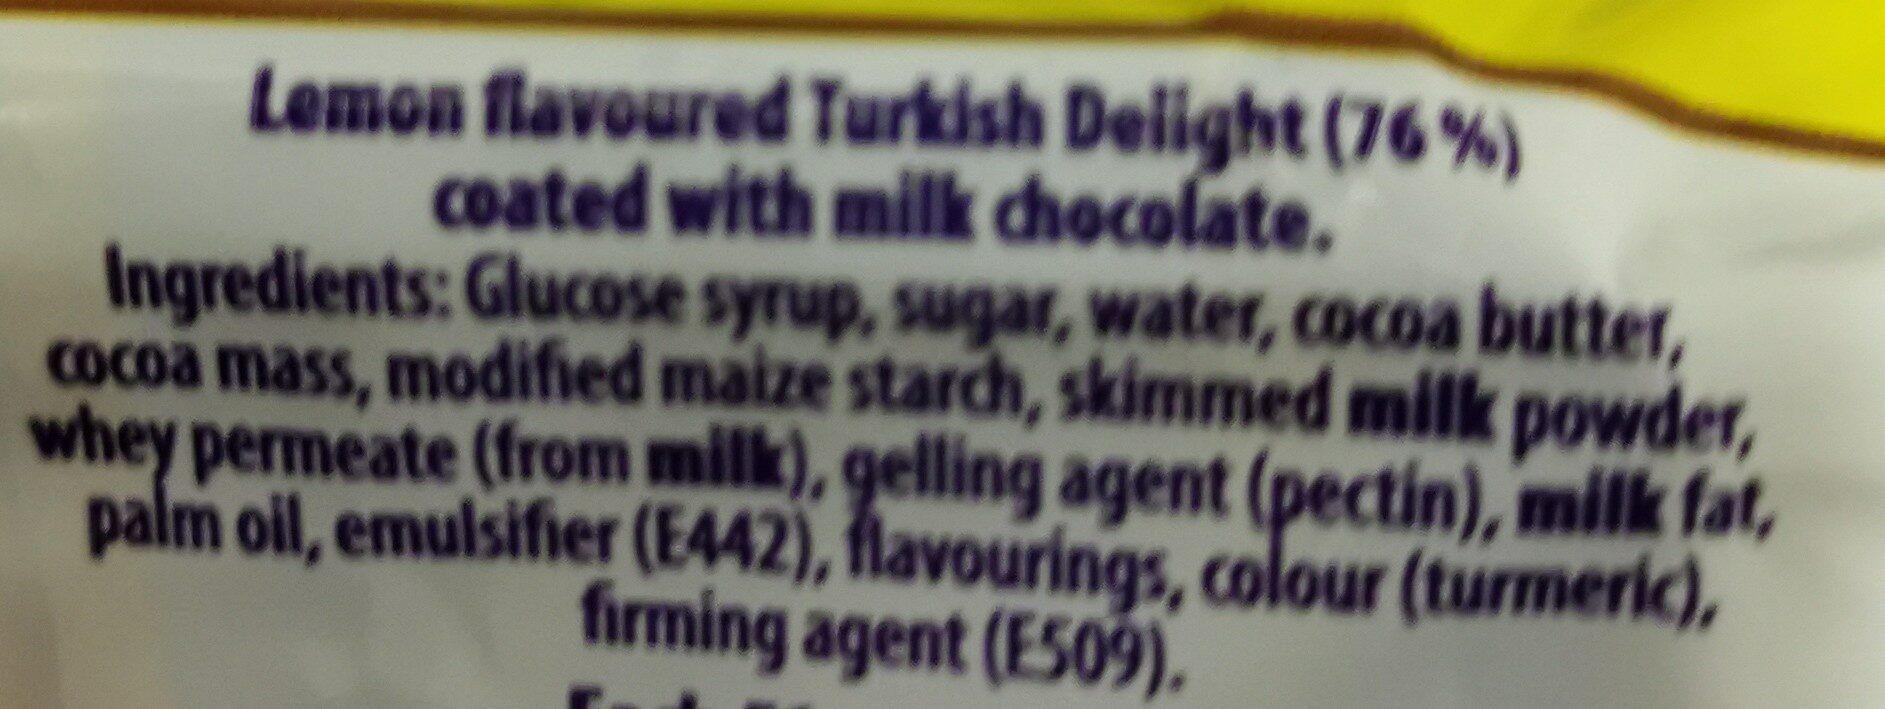 turkish delight - Ingredients - en